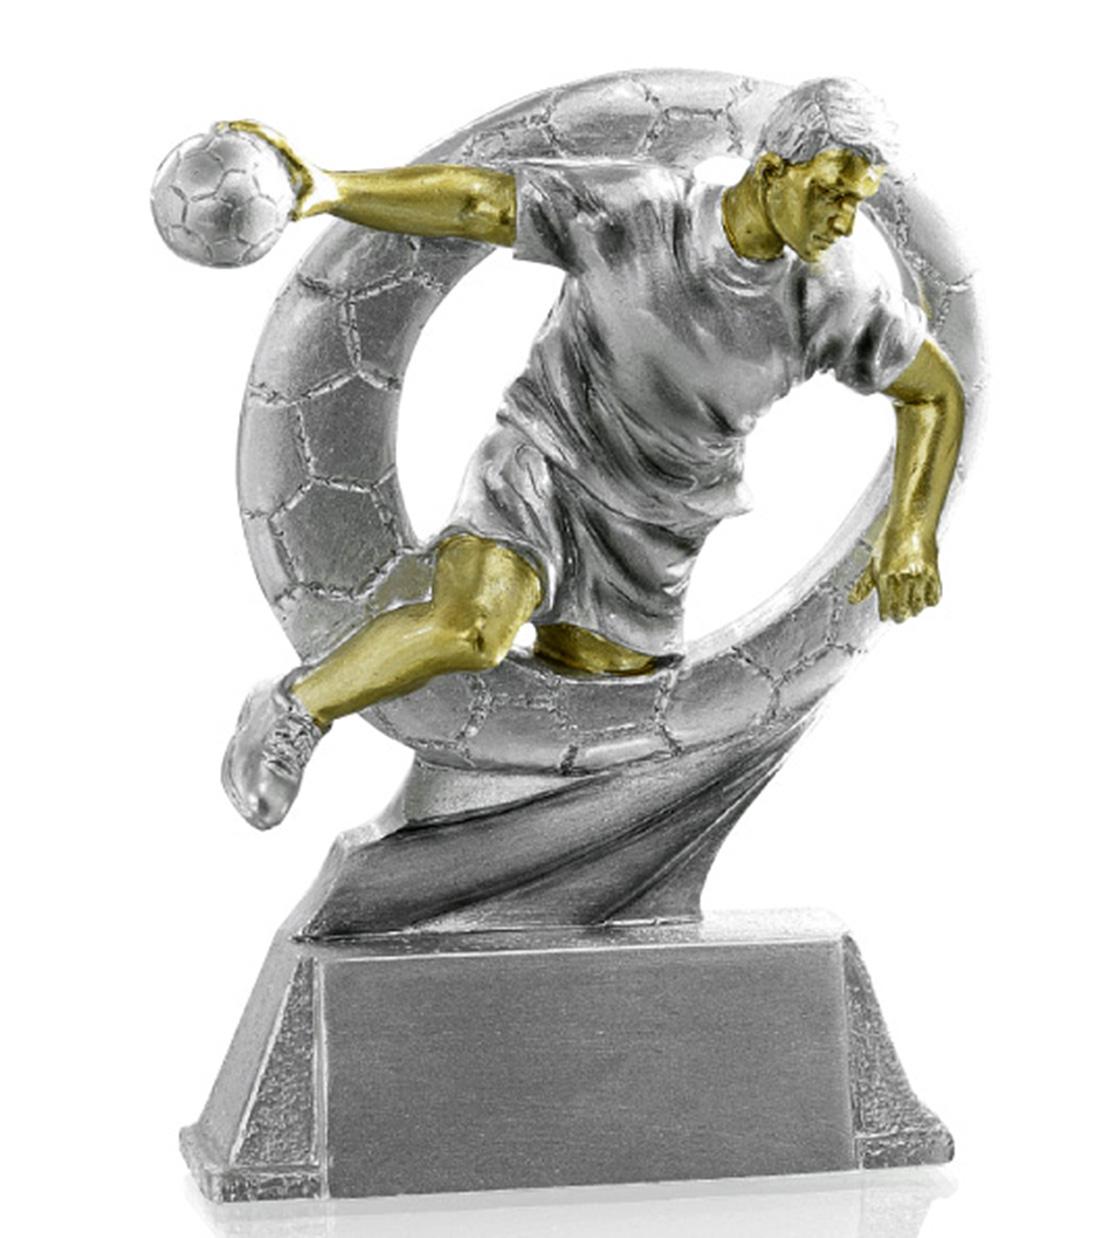 Pokale Handball Figur 17cm Figuren Resinfiguren